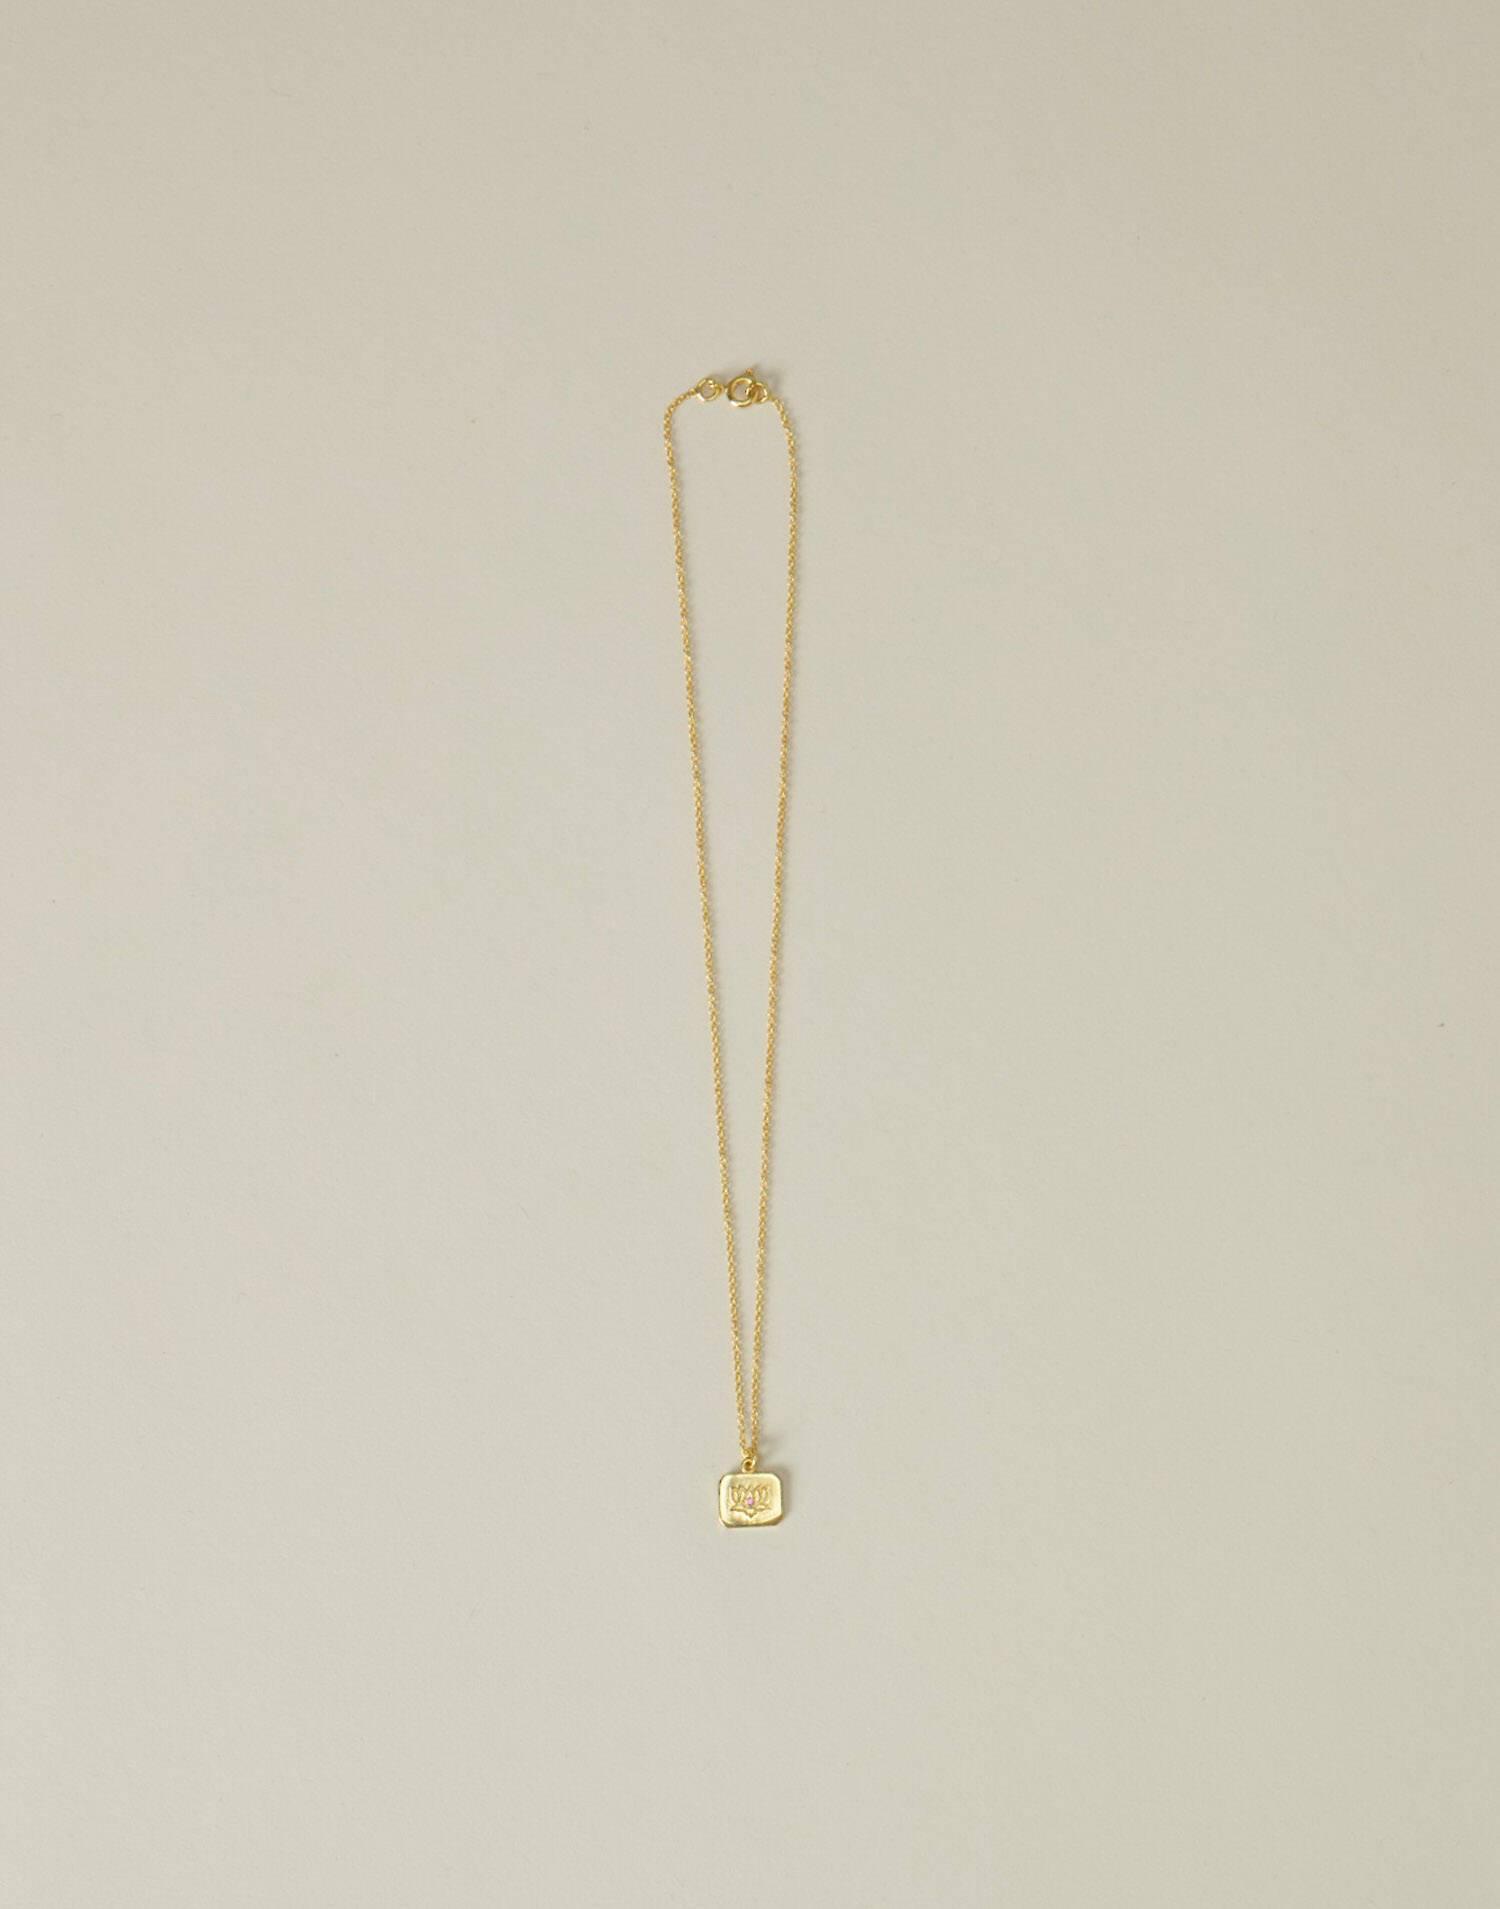 Collier fleur de lotus doré